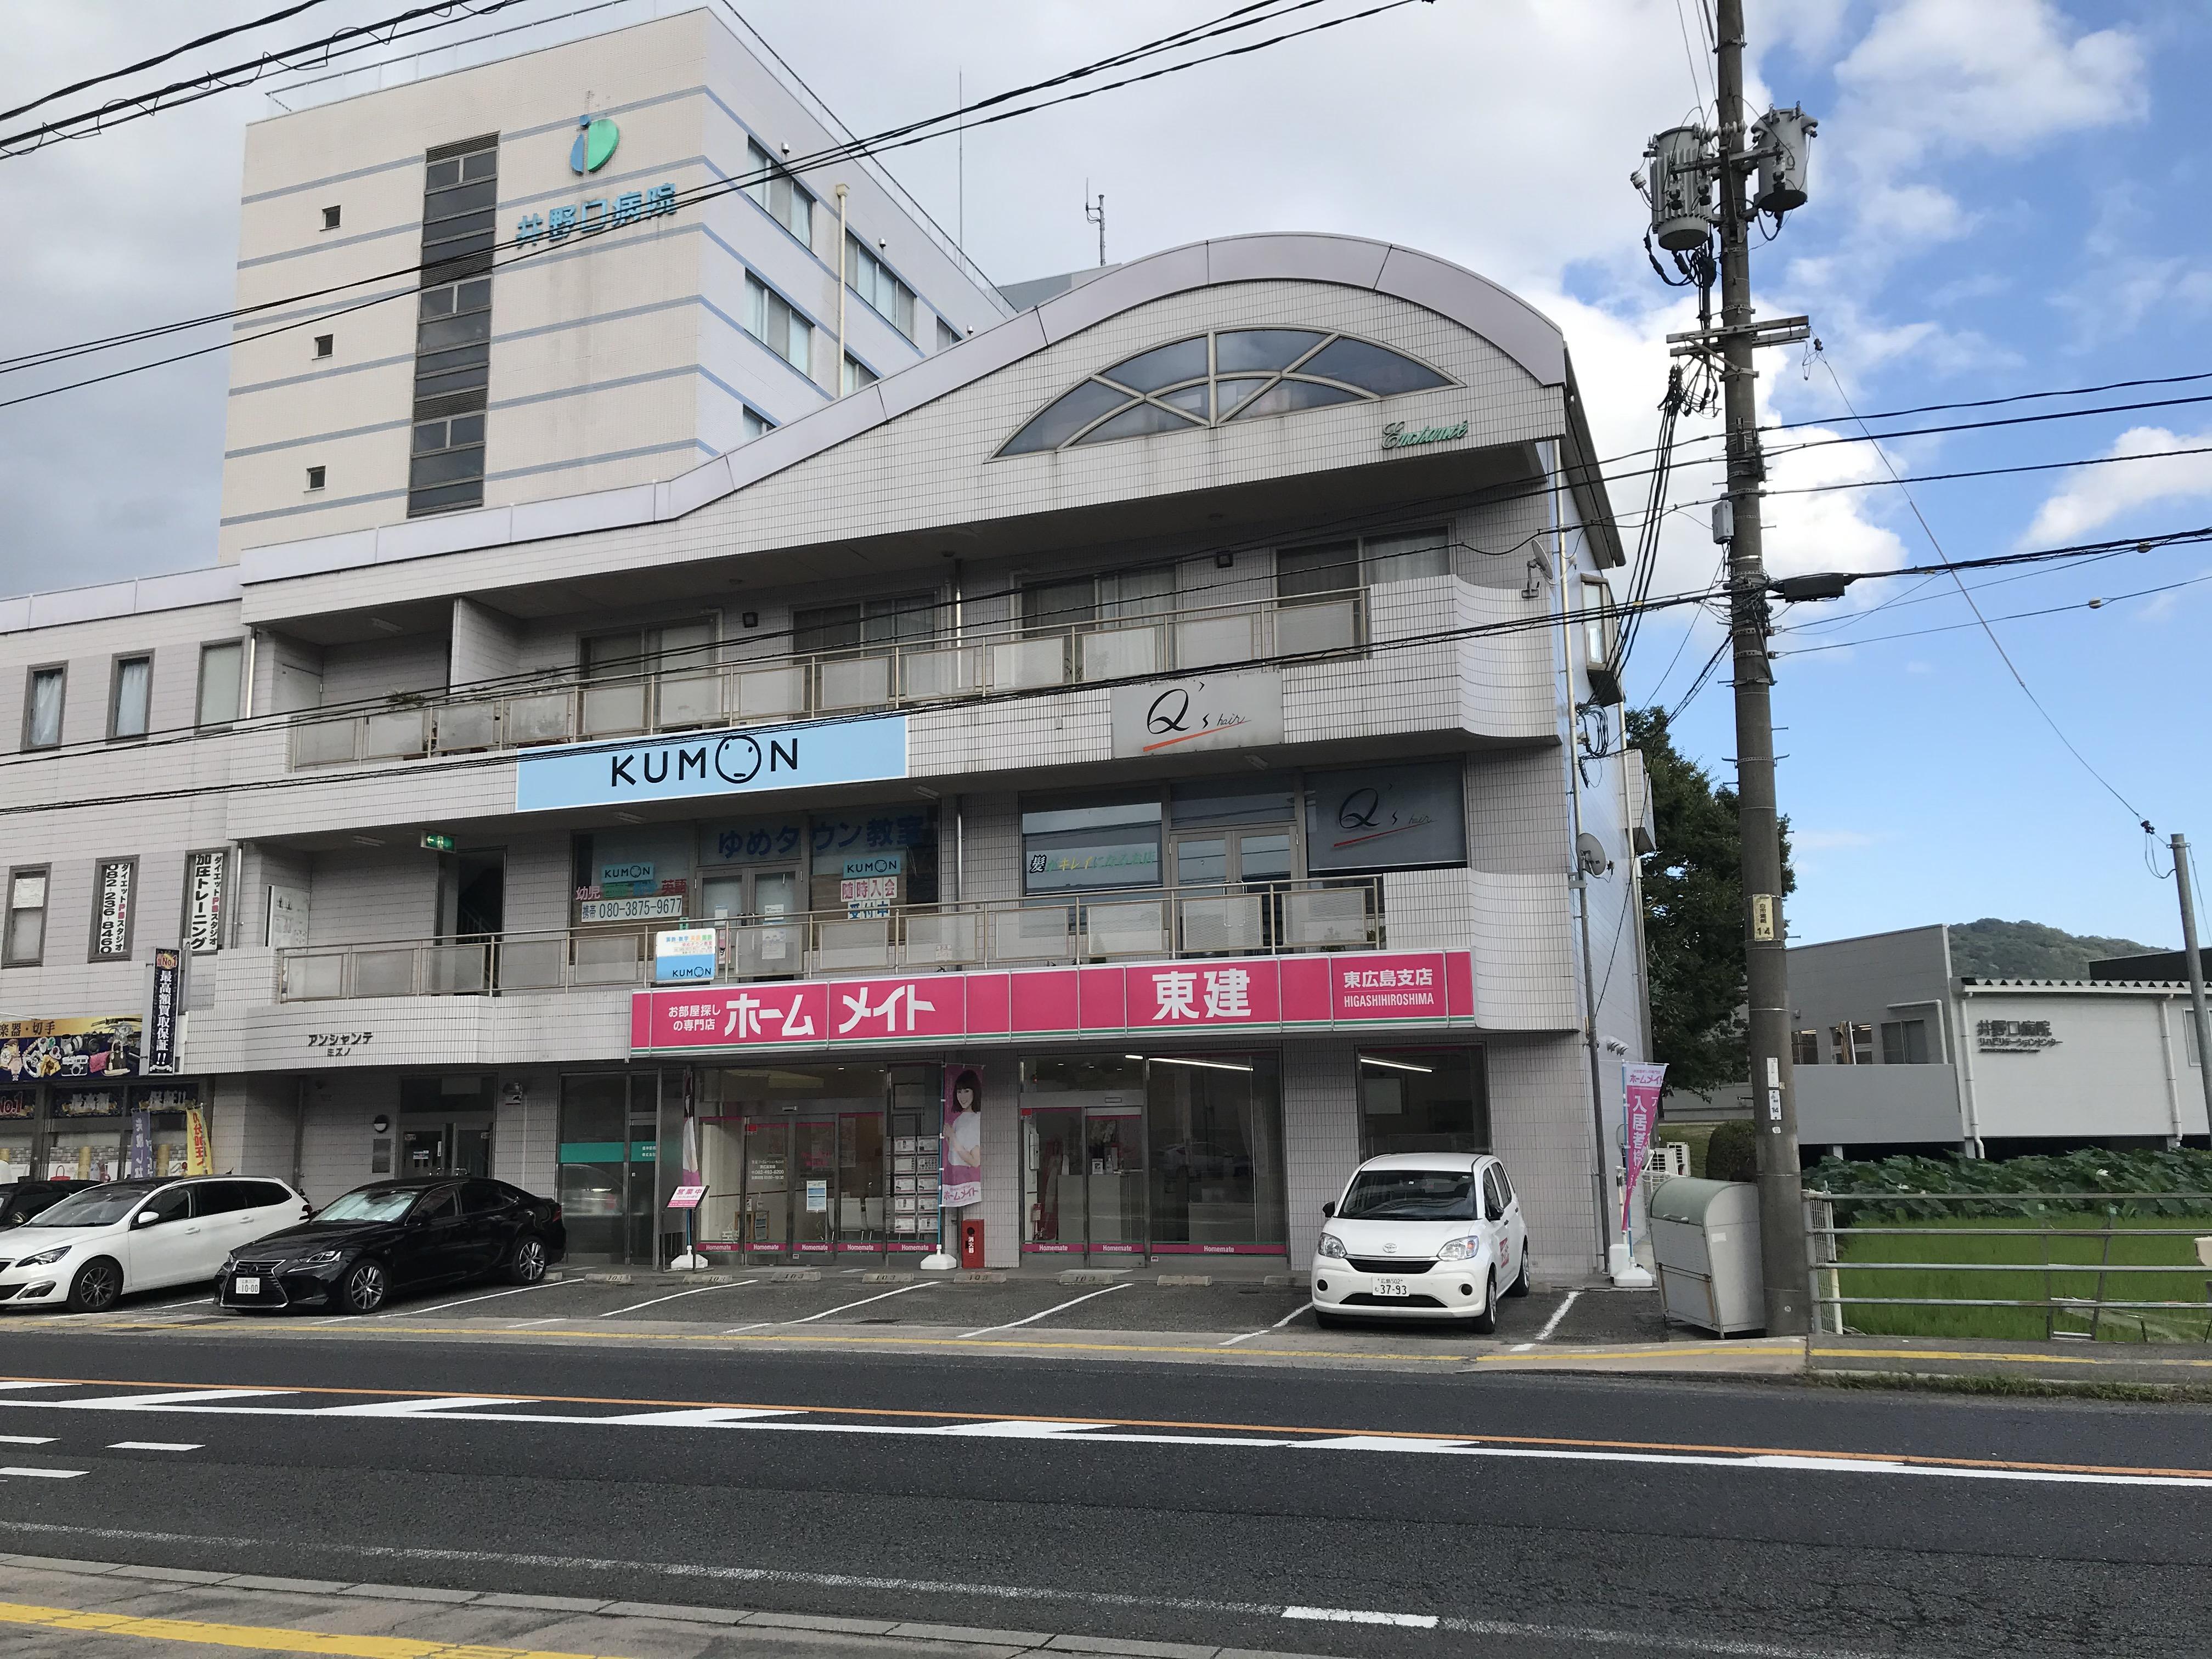 東建コーポレーション東広島支店